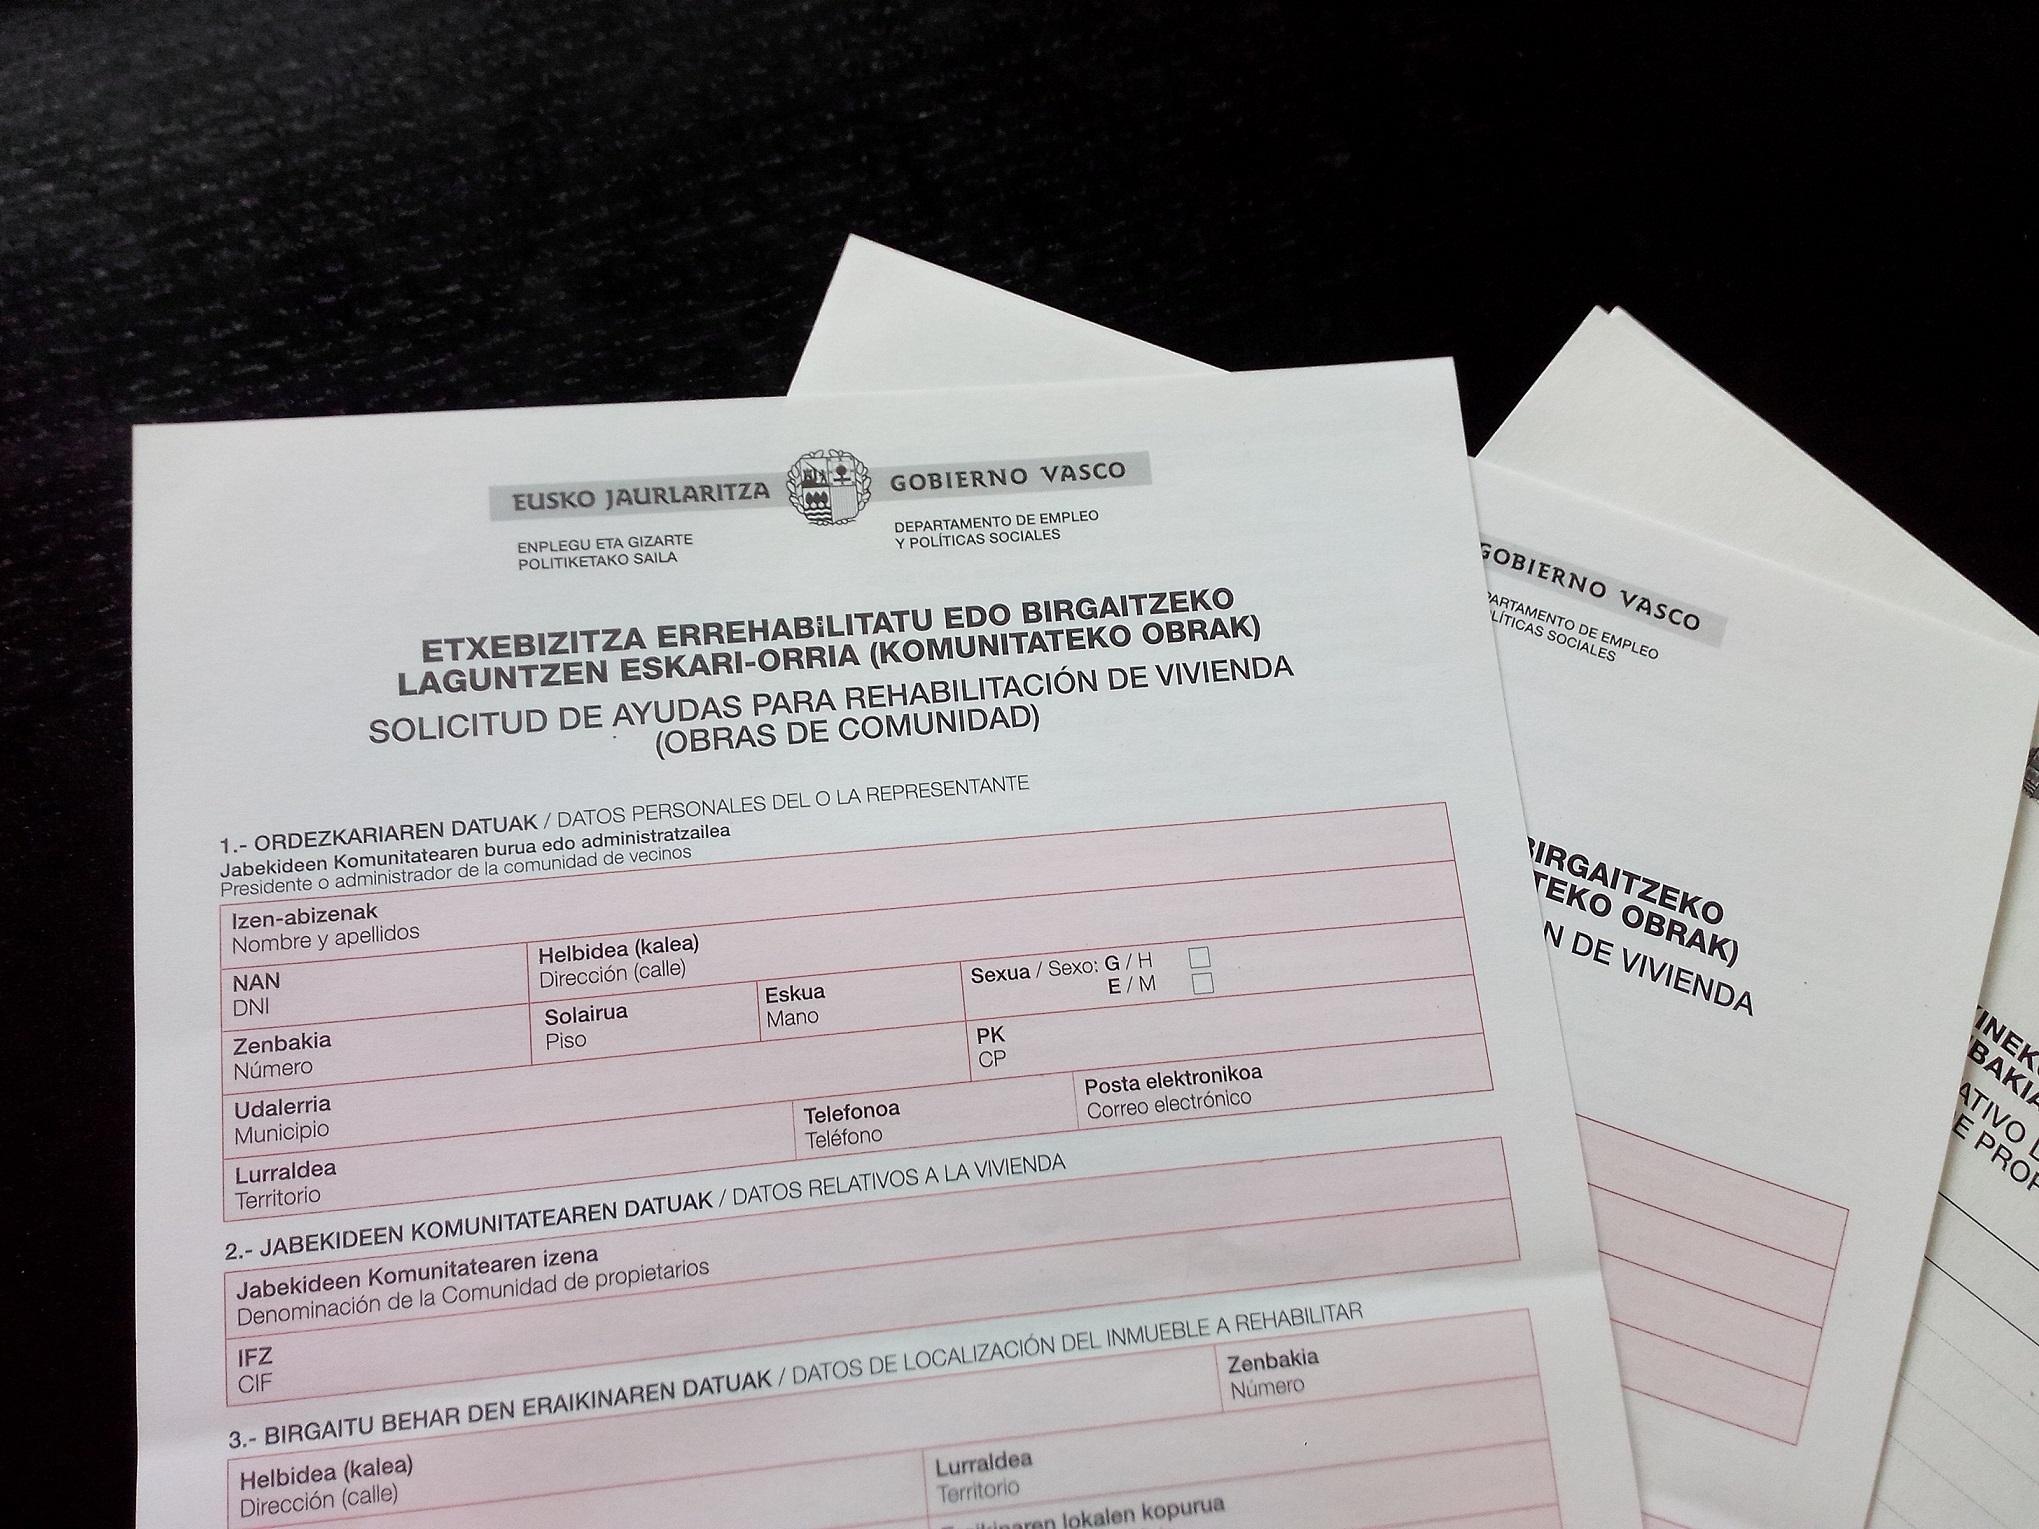 ayudas del gobierno vasco en rehabilitacion sights sounds